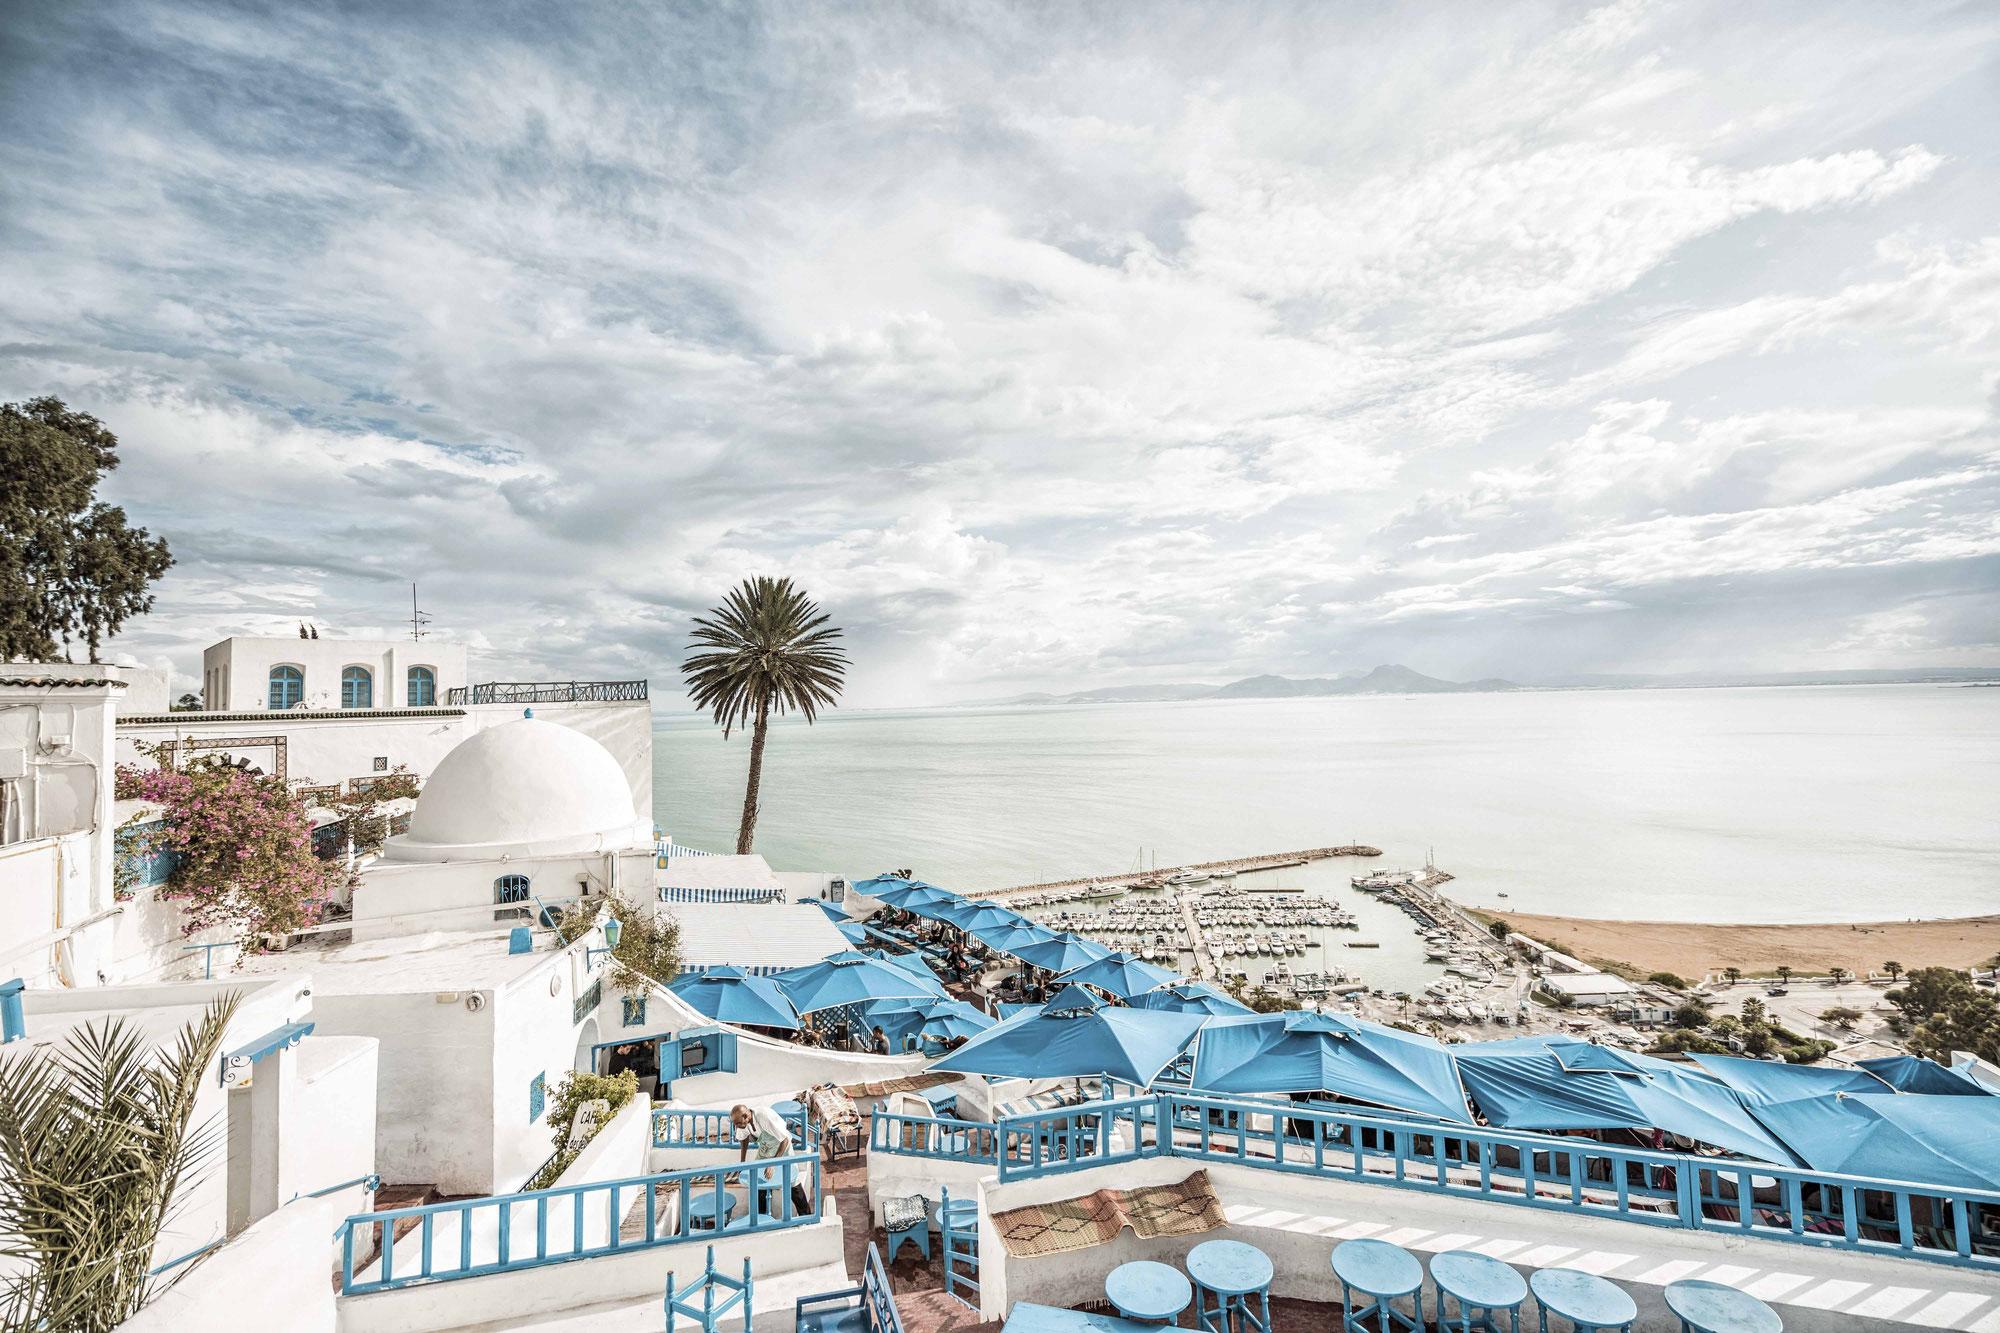 Reiseblog Tunesien #15